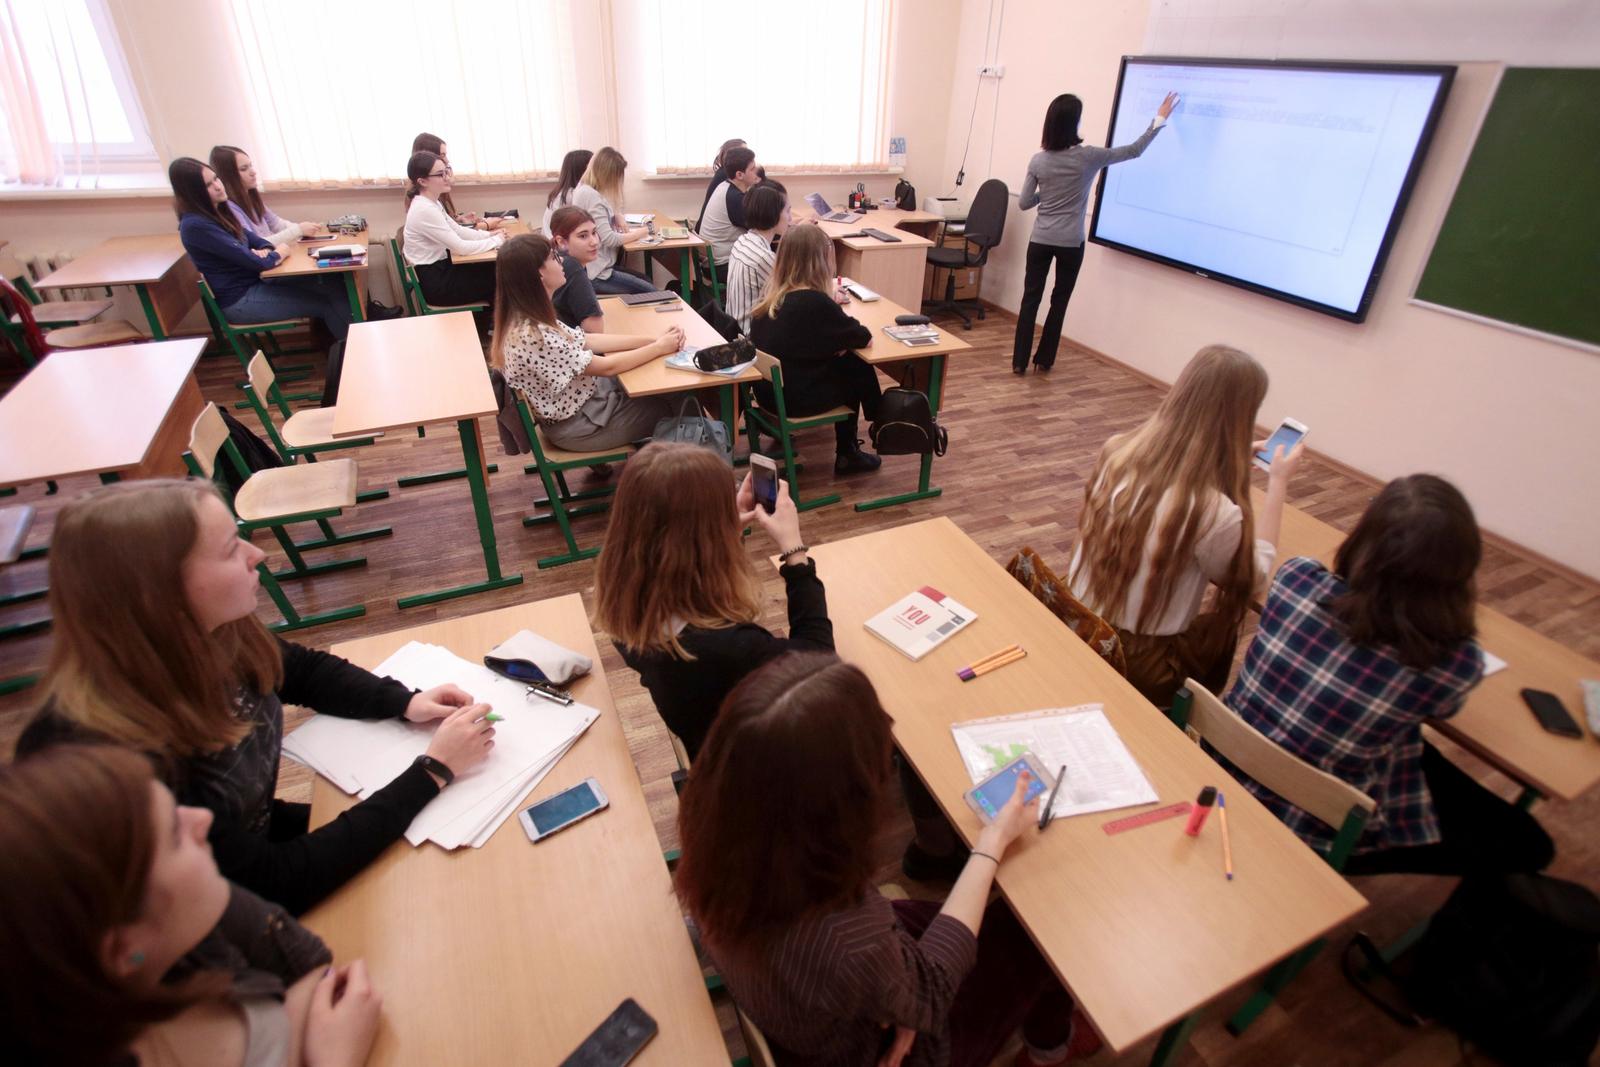 Школьники все чаще ведут себя неподобающе / Андрей Никеричев / АГН «Москва»